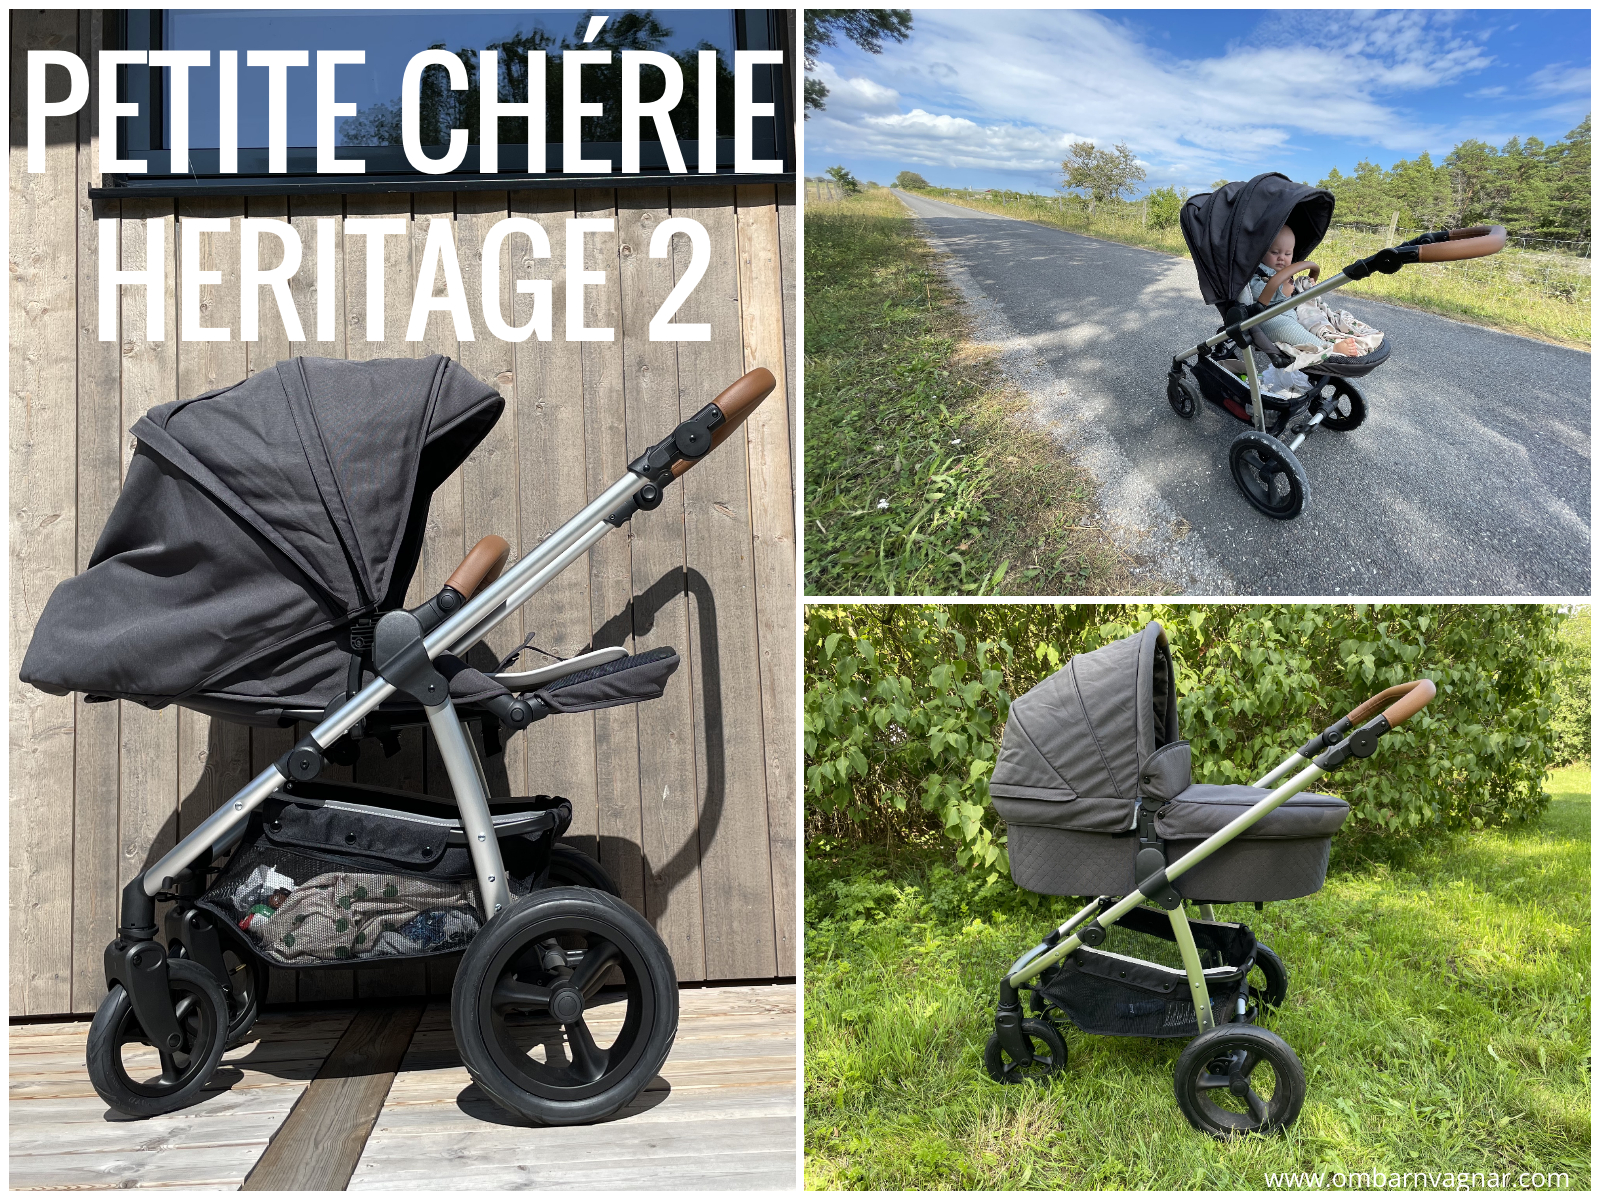 Recension av Petite Cherie Heritage 2